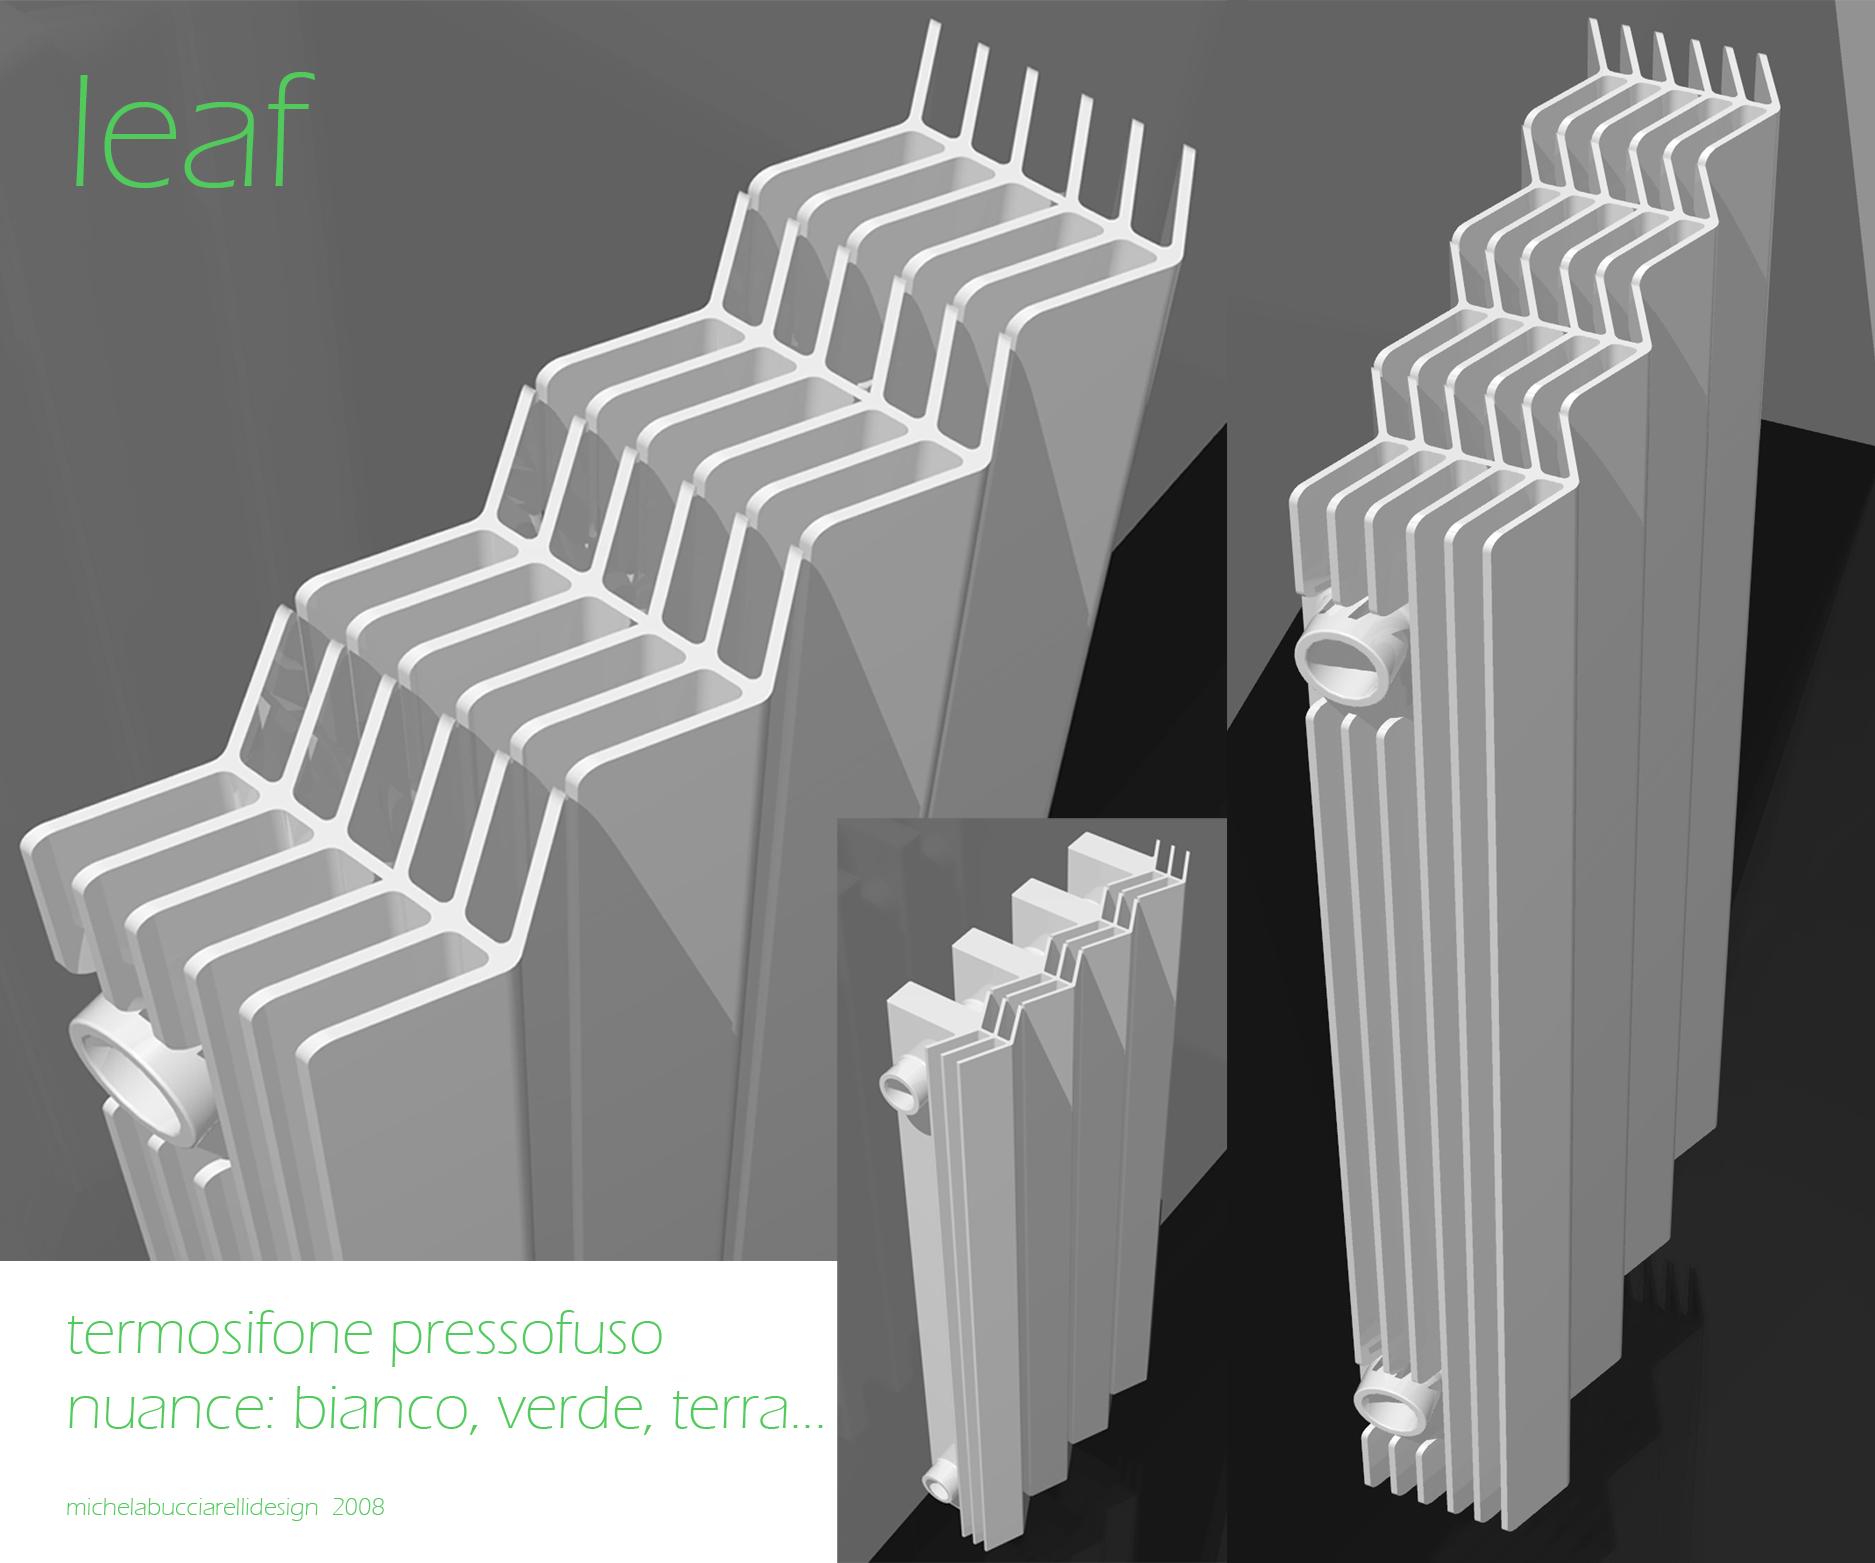 Leaf - Studio radiatore 2008 ADHOC Gruppo Ragaini   rendering.